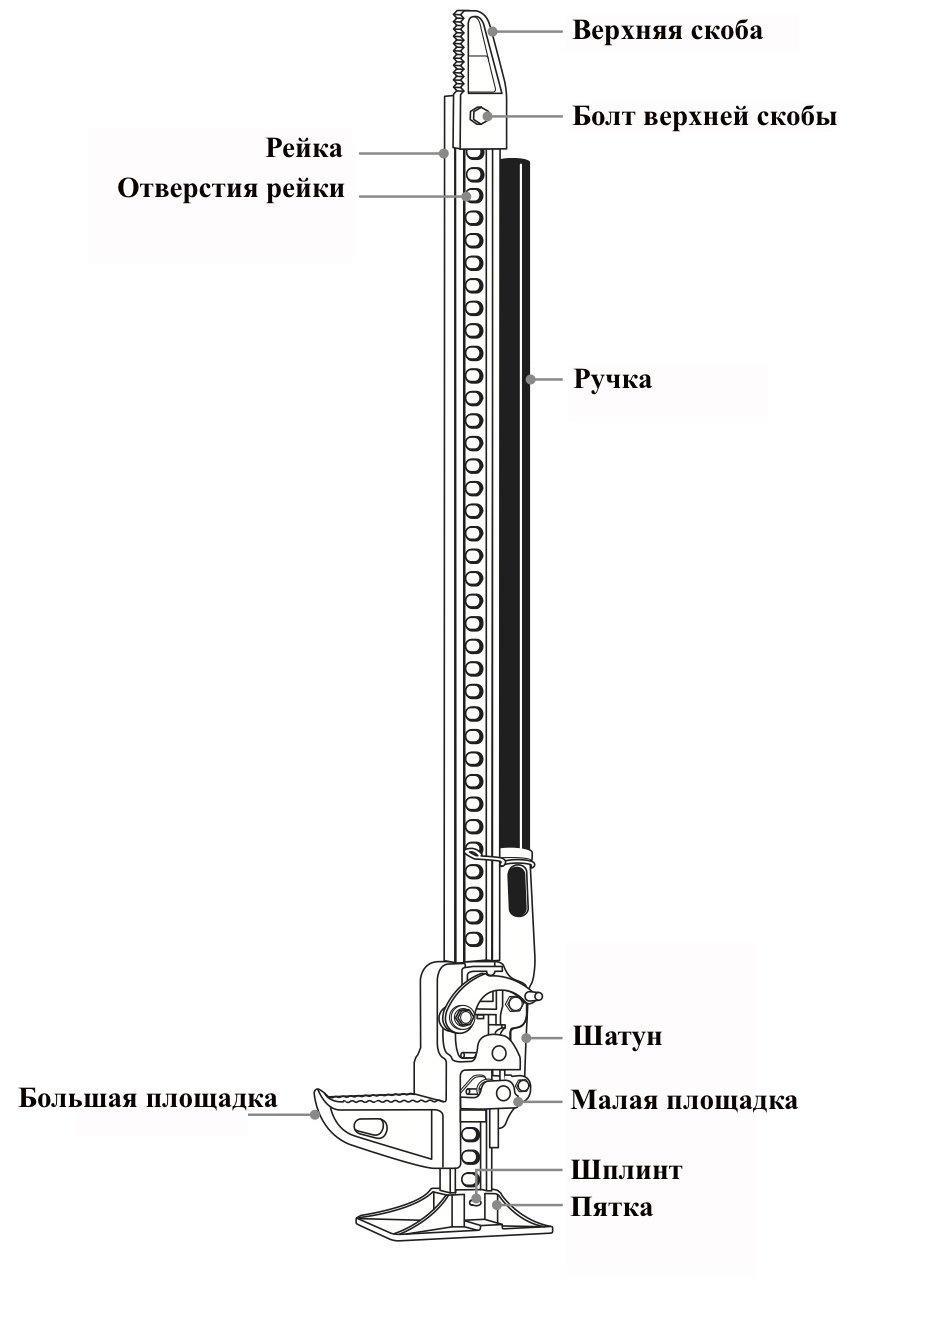 Схема реечного домкрата в сборе